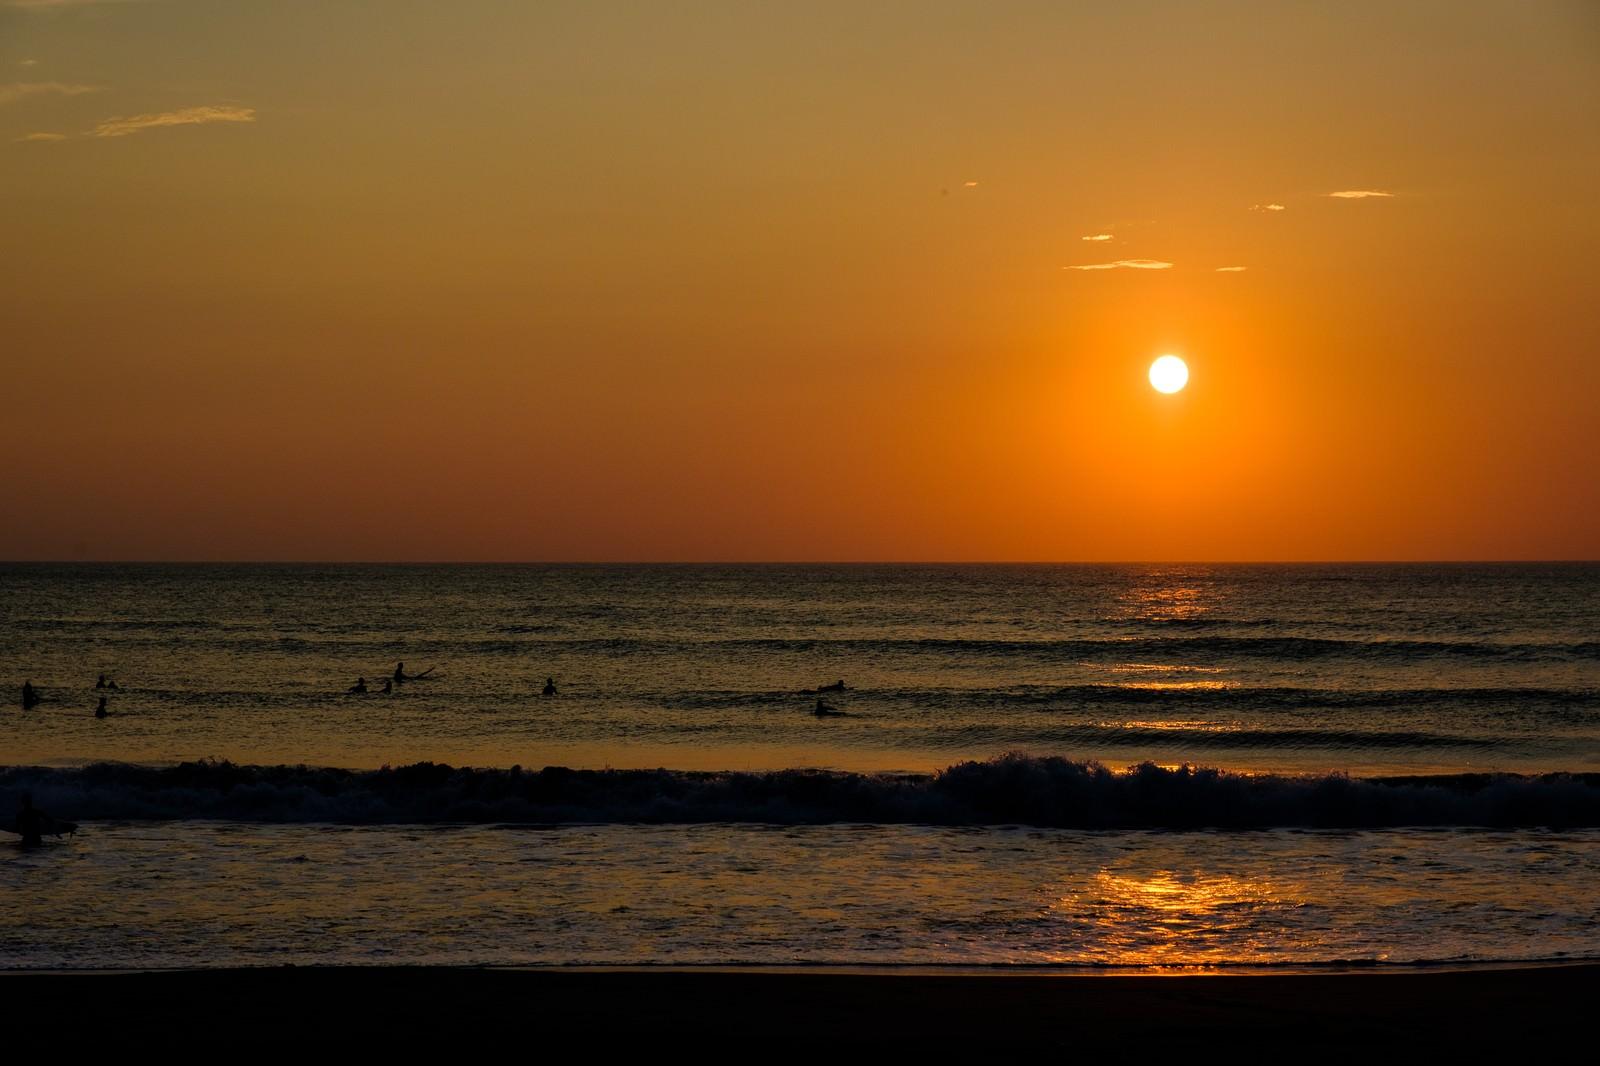 「朝日に照らされる砕けた波のシルエット(千葉県一宮町)朝日に照らされる砕けた波のシルエット(千葉県一宮町)」のフリー写真素材を拡大